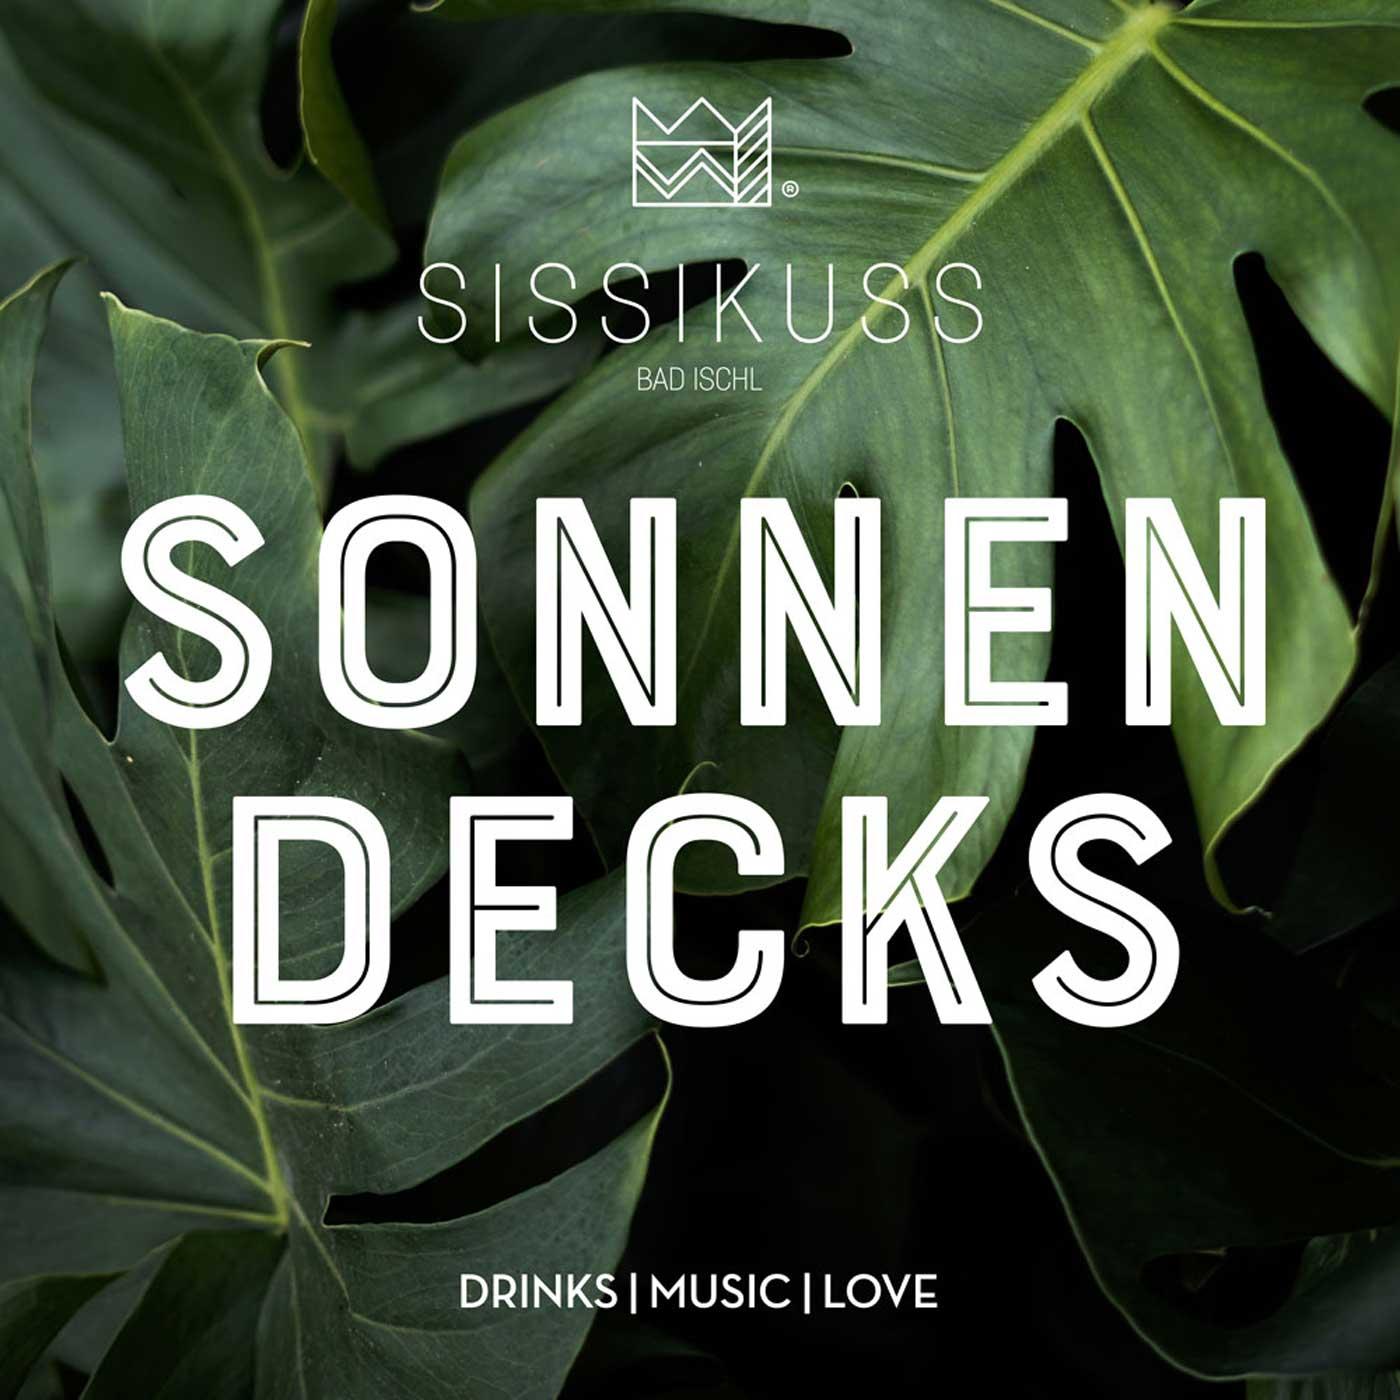 SISSIKUSS Sonnendecks